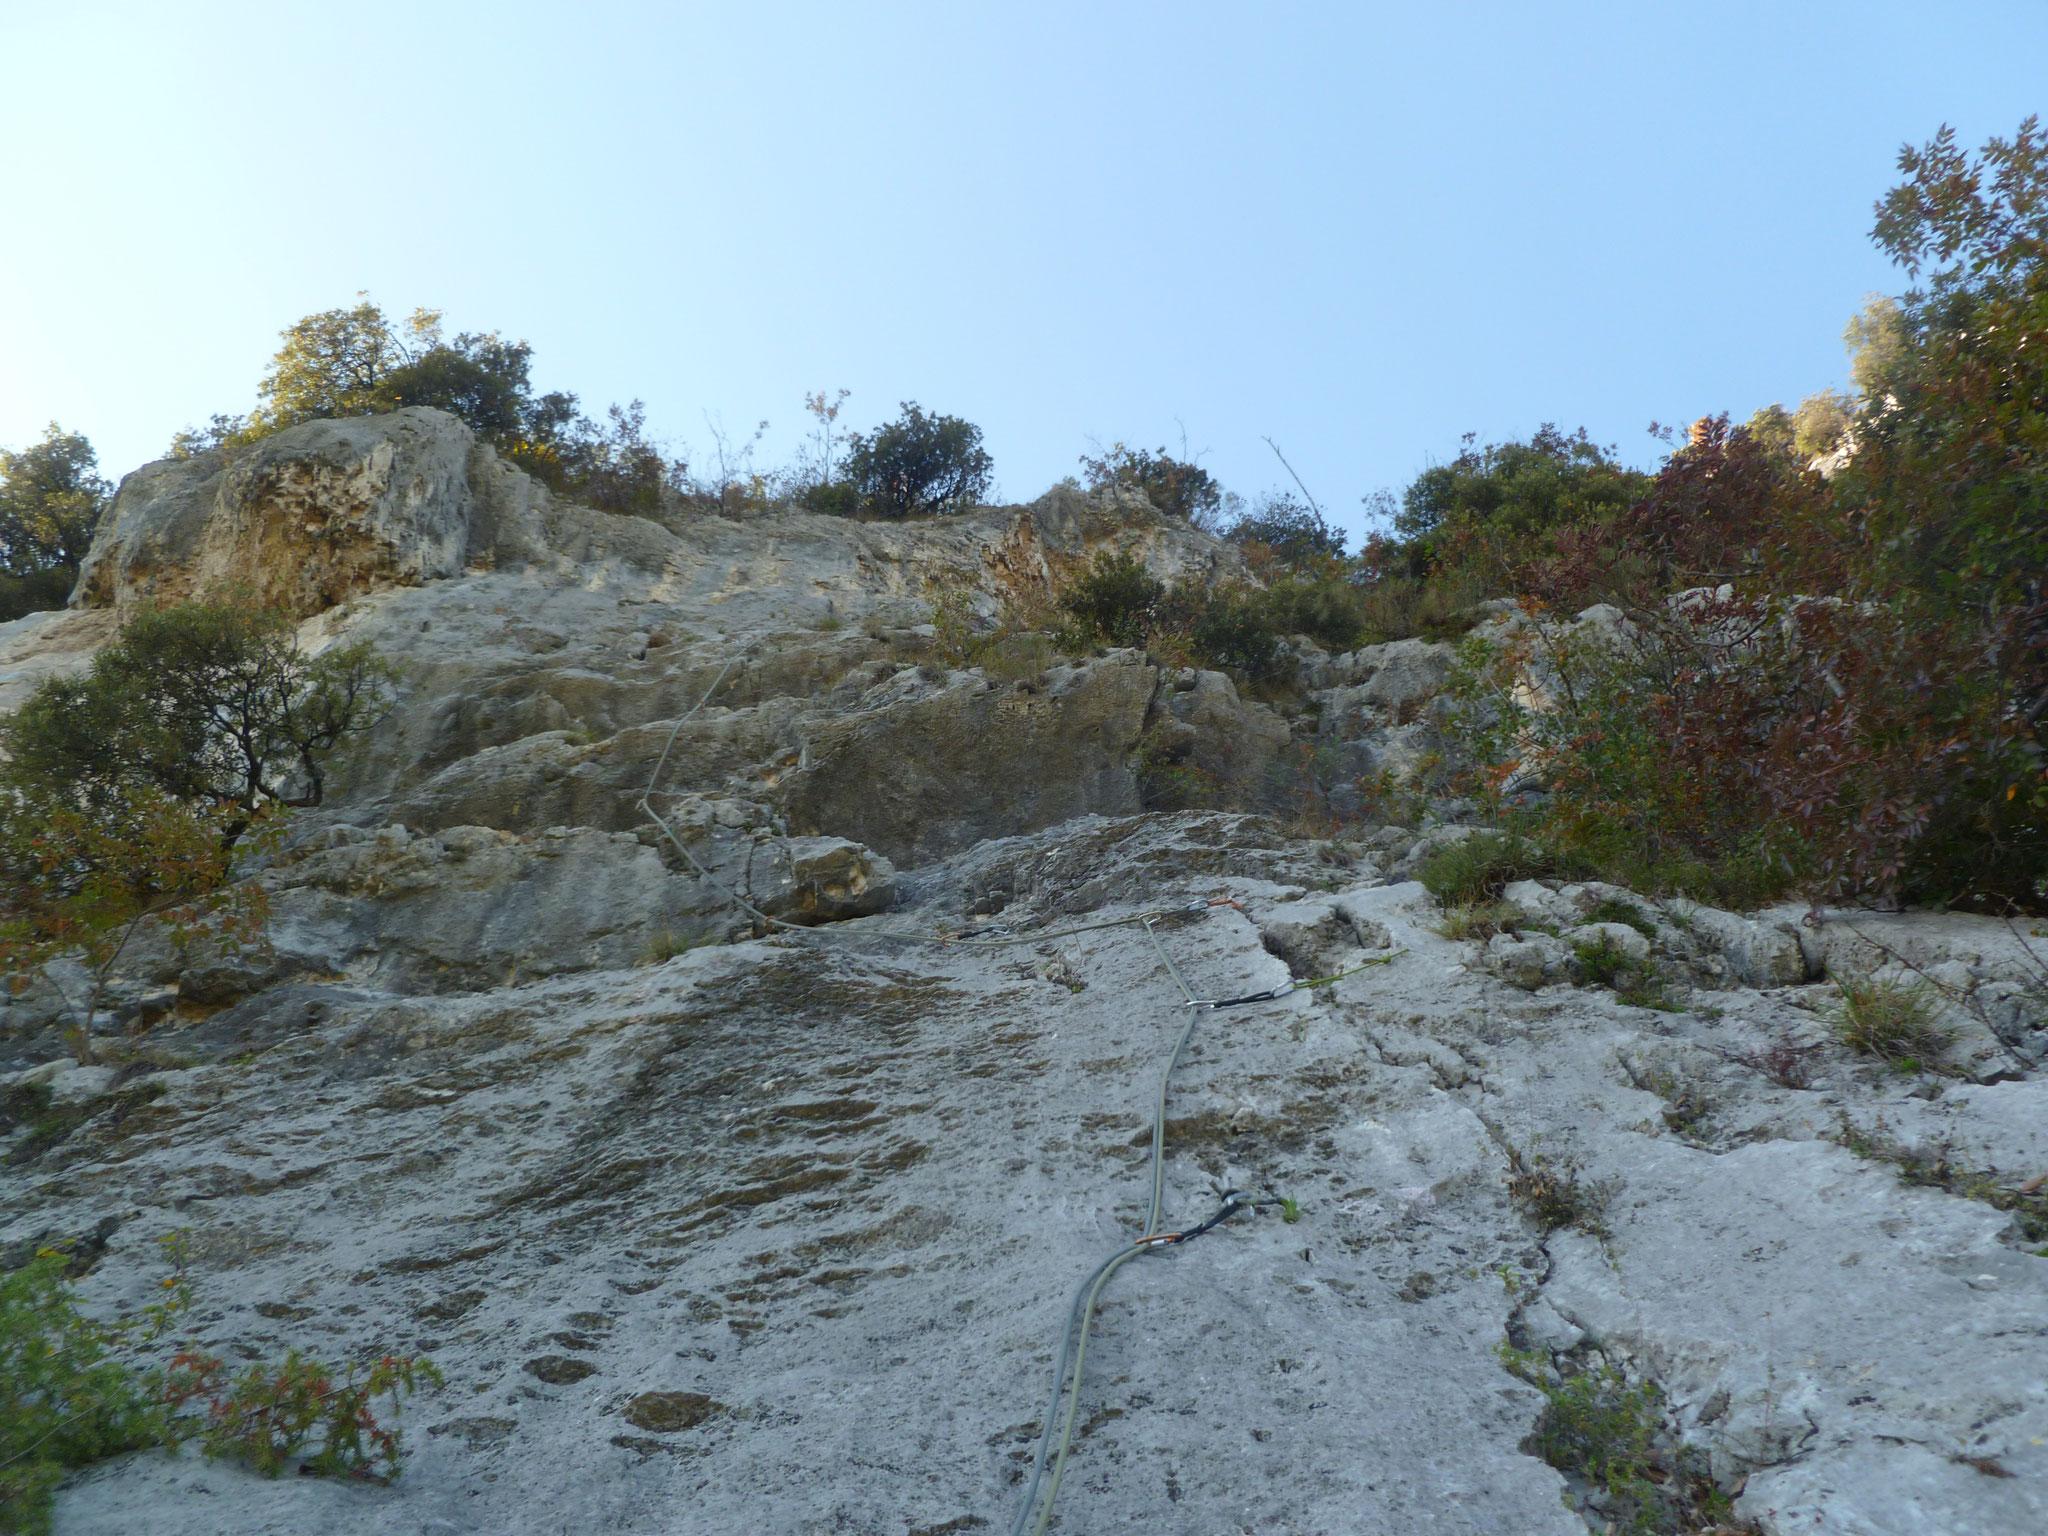 Coole Kletterei in der 6. Länge